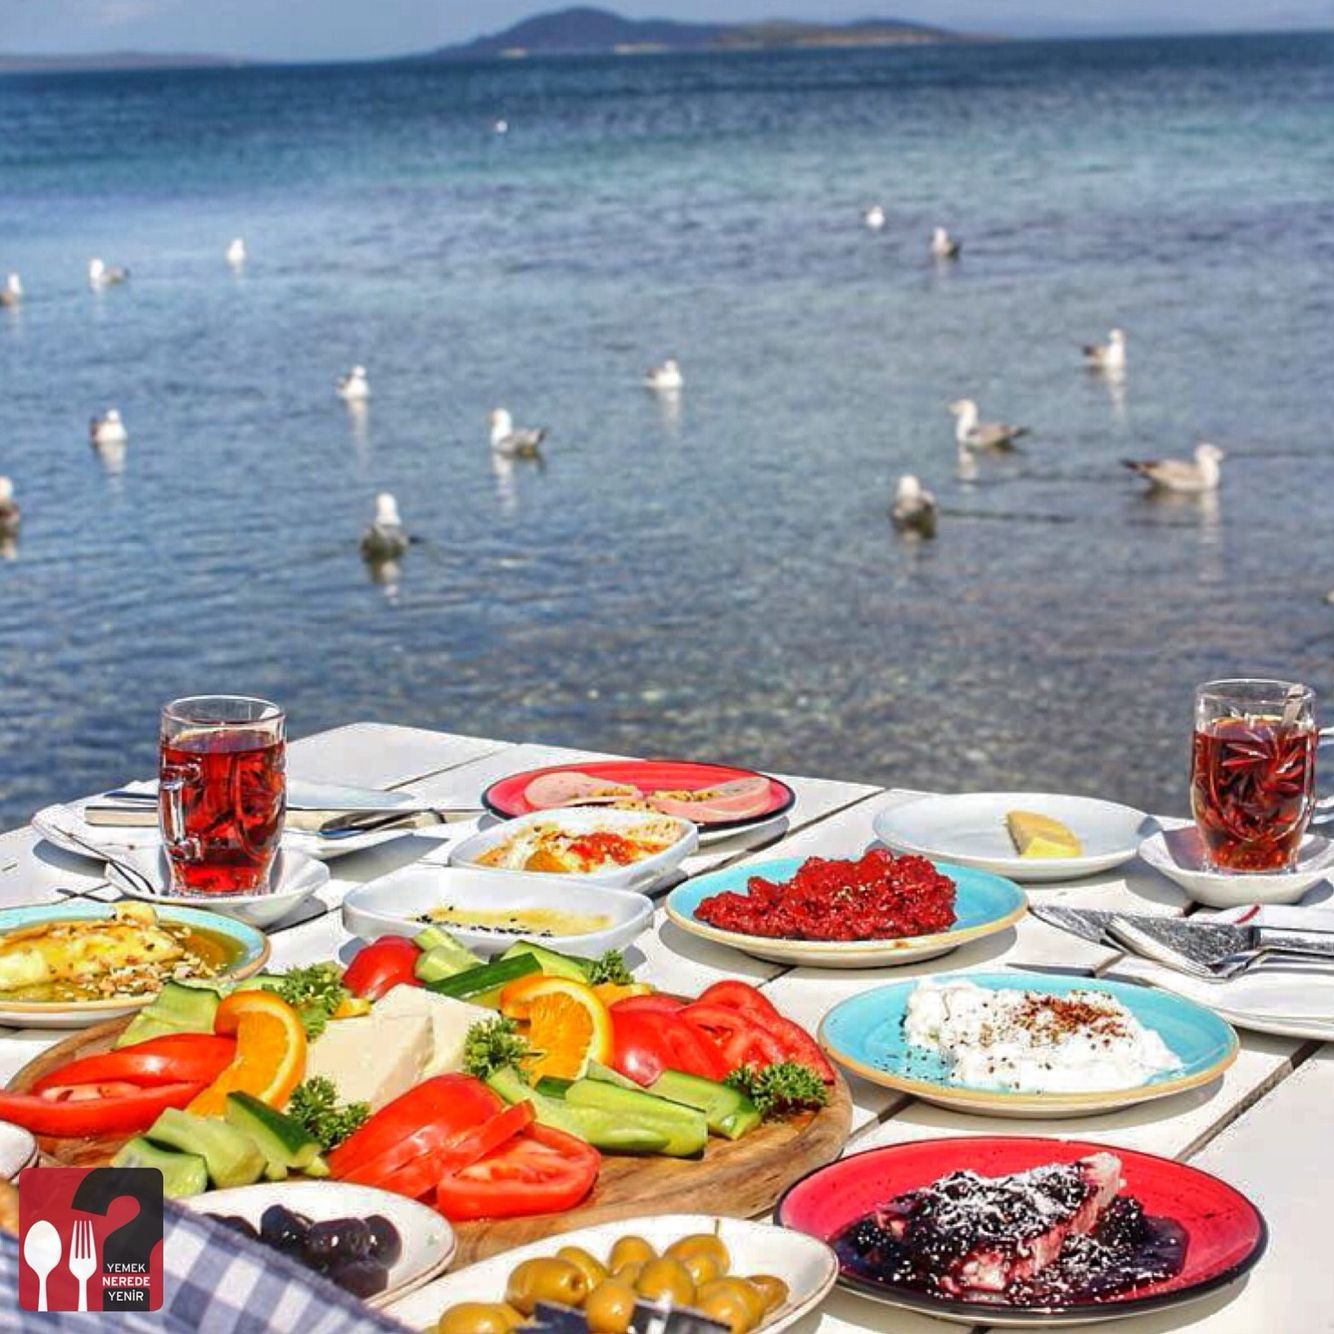 Serpme Kahvaltı - Denizaltı Cafe & Restaurant / Urla - İzmir ... avec Restaurant Avec Jardin Ile De France